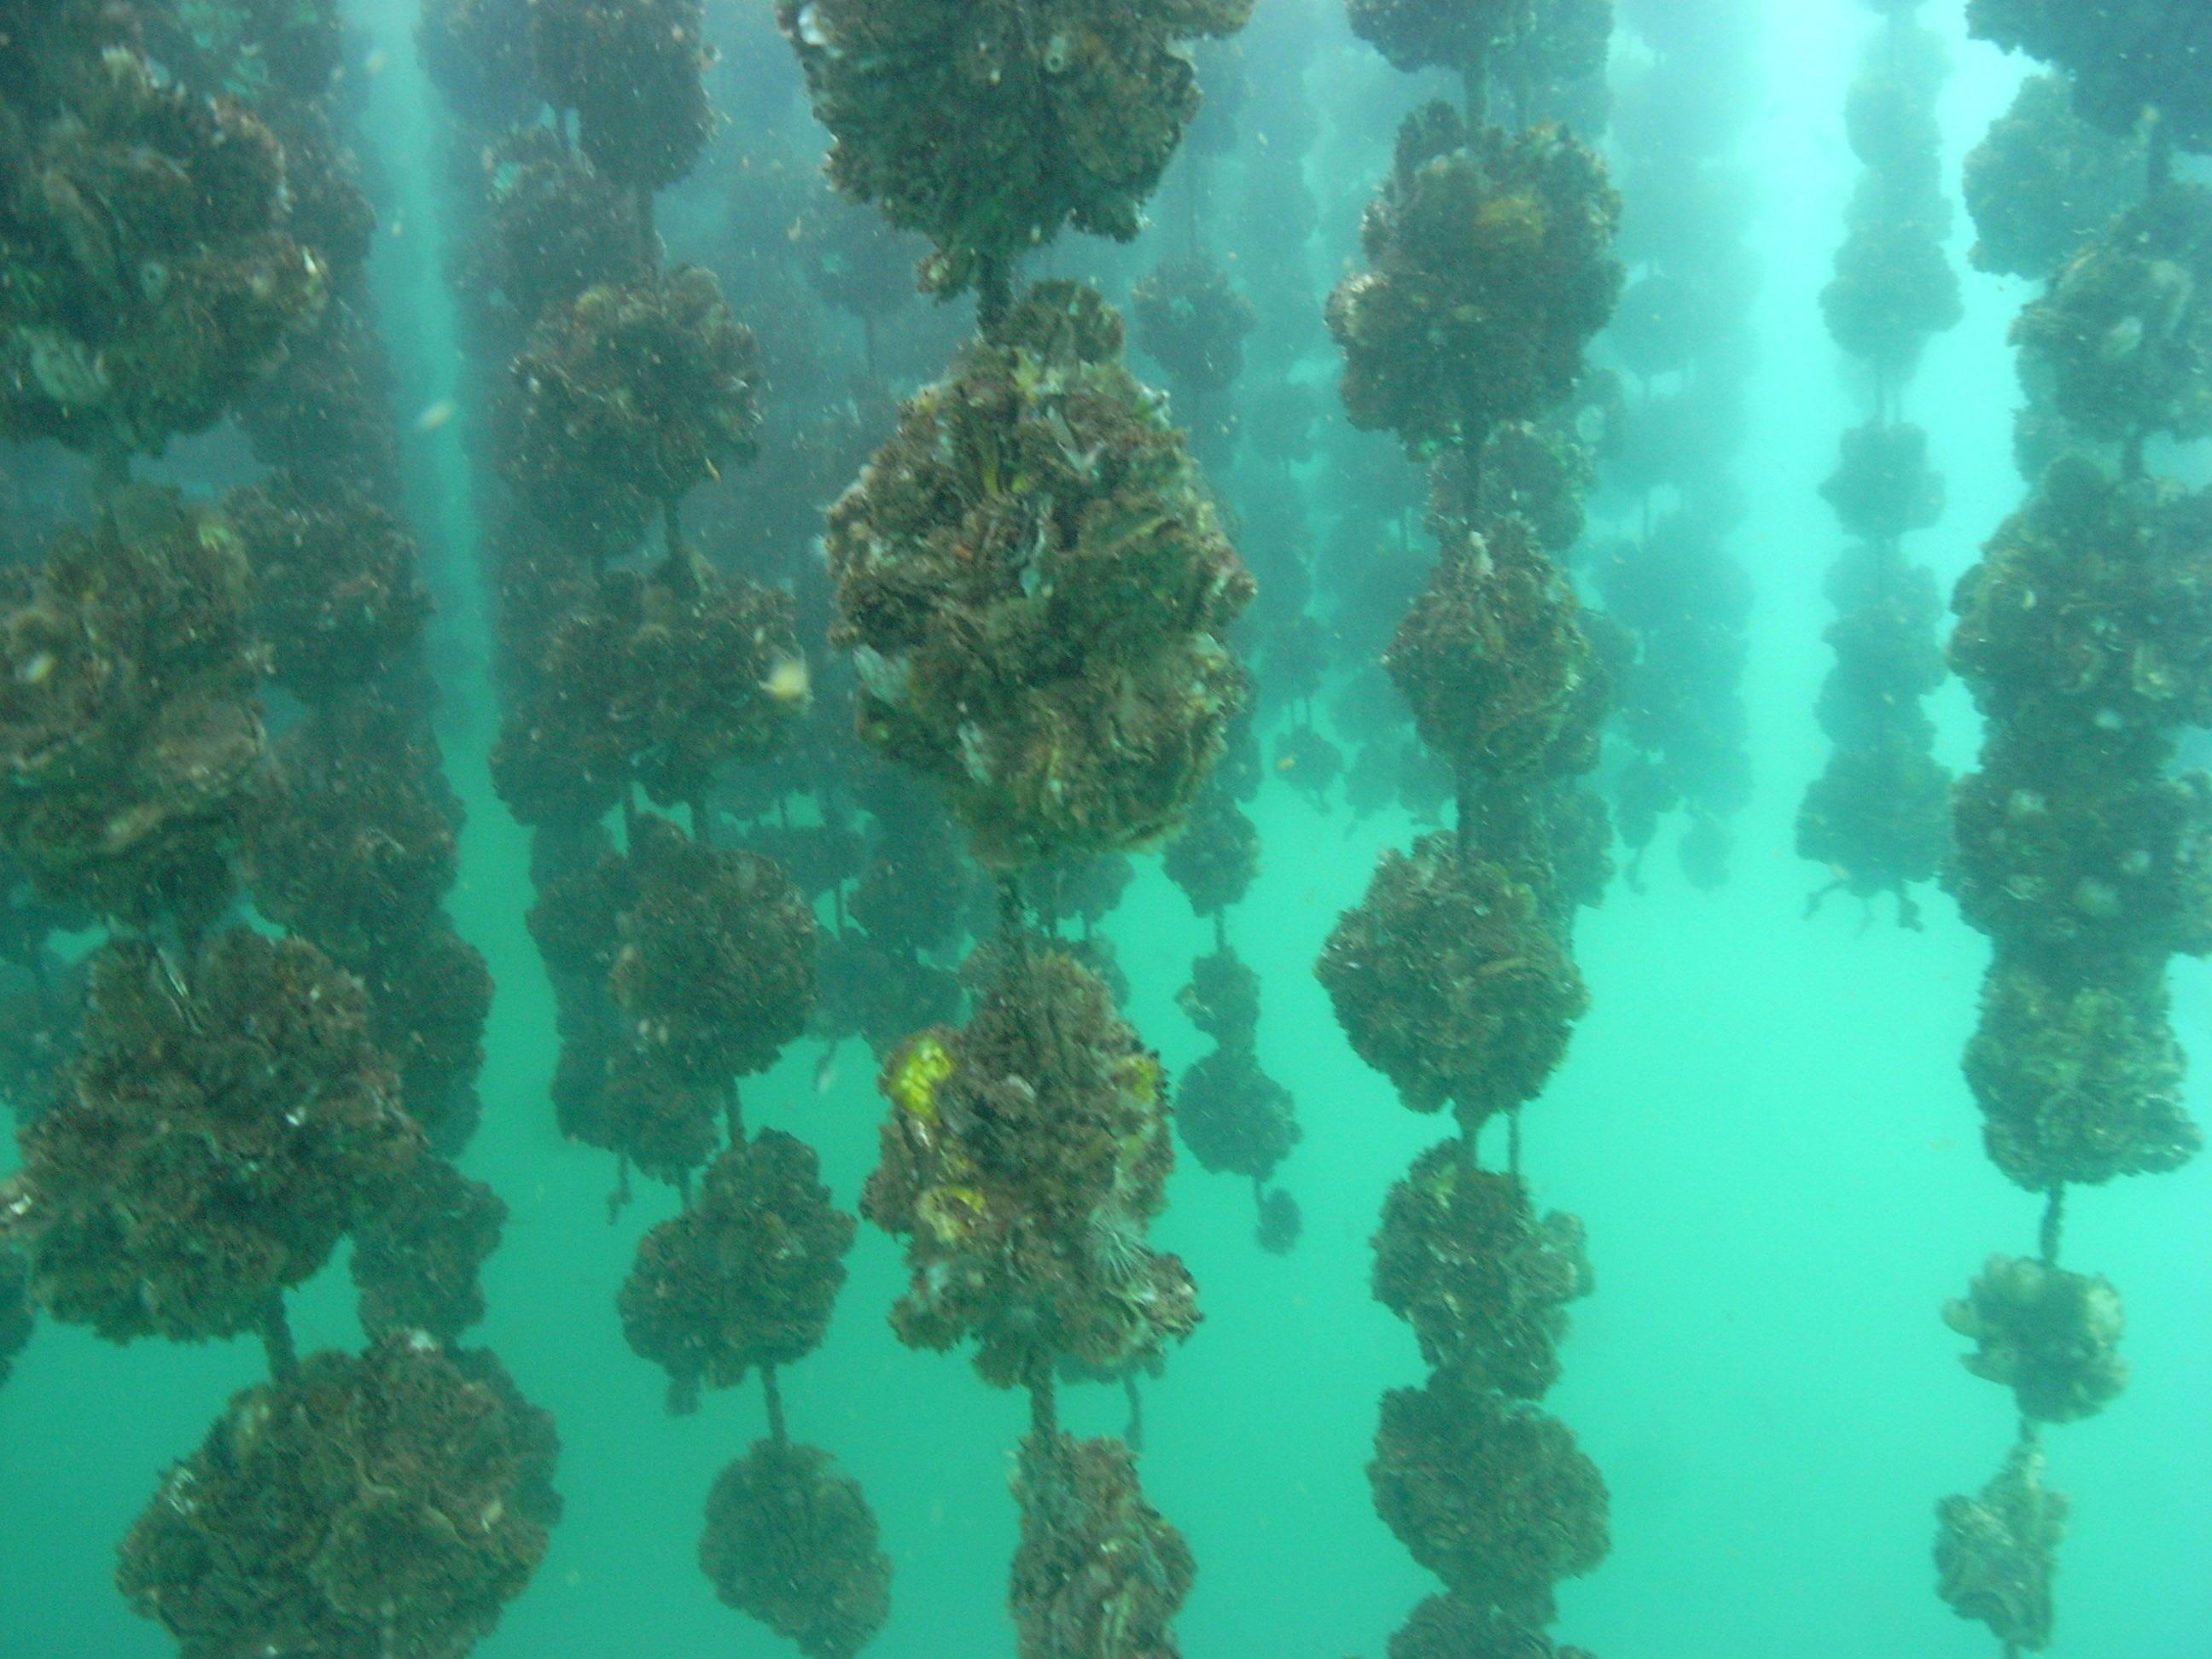 筏の下の様子の画像